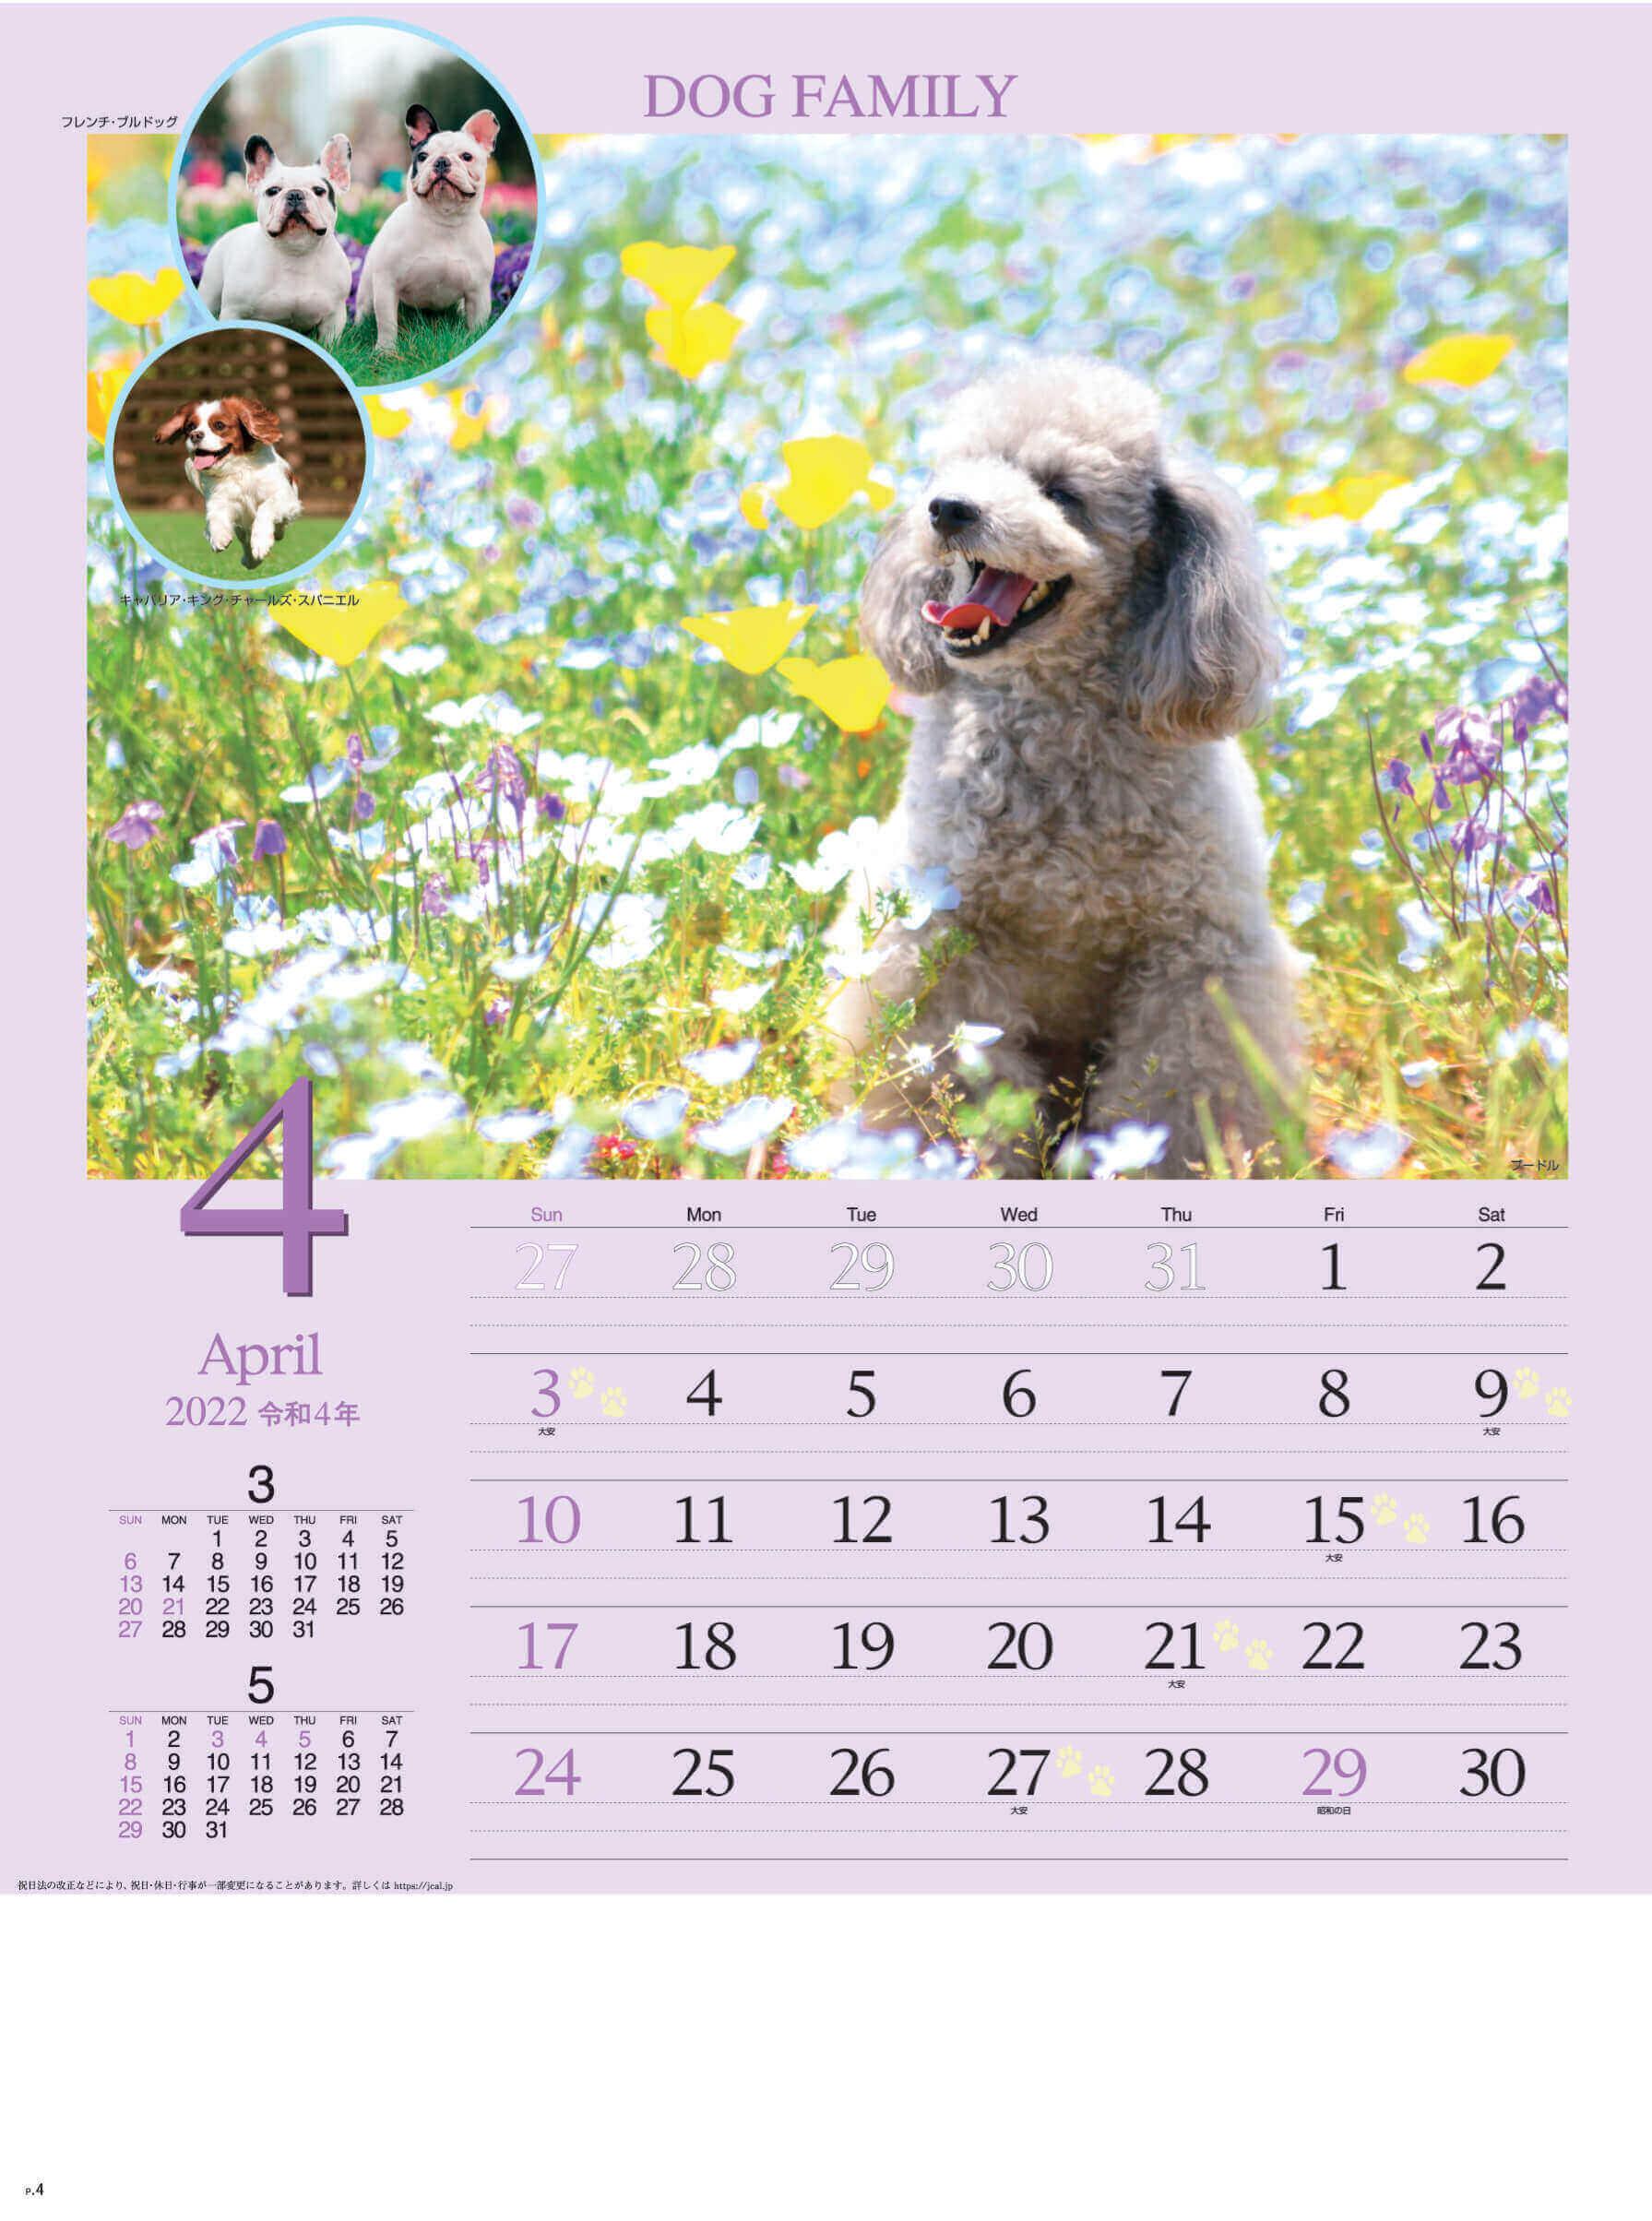 4月 プードル ドッグファミリー 2022年カレンダーの画像